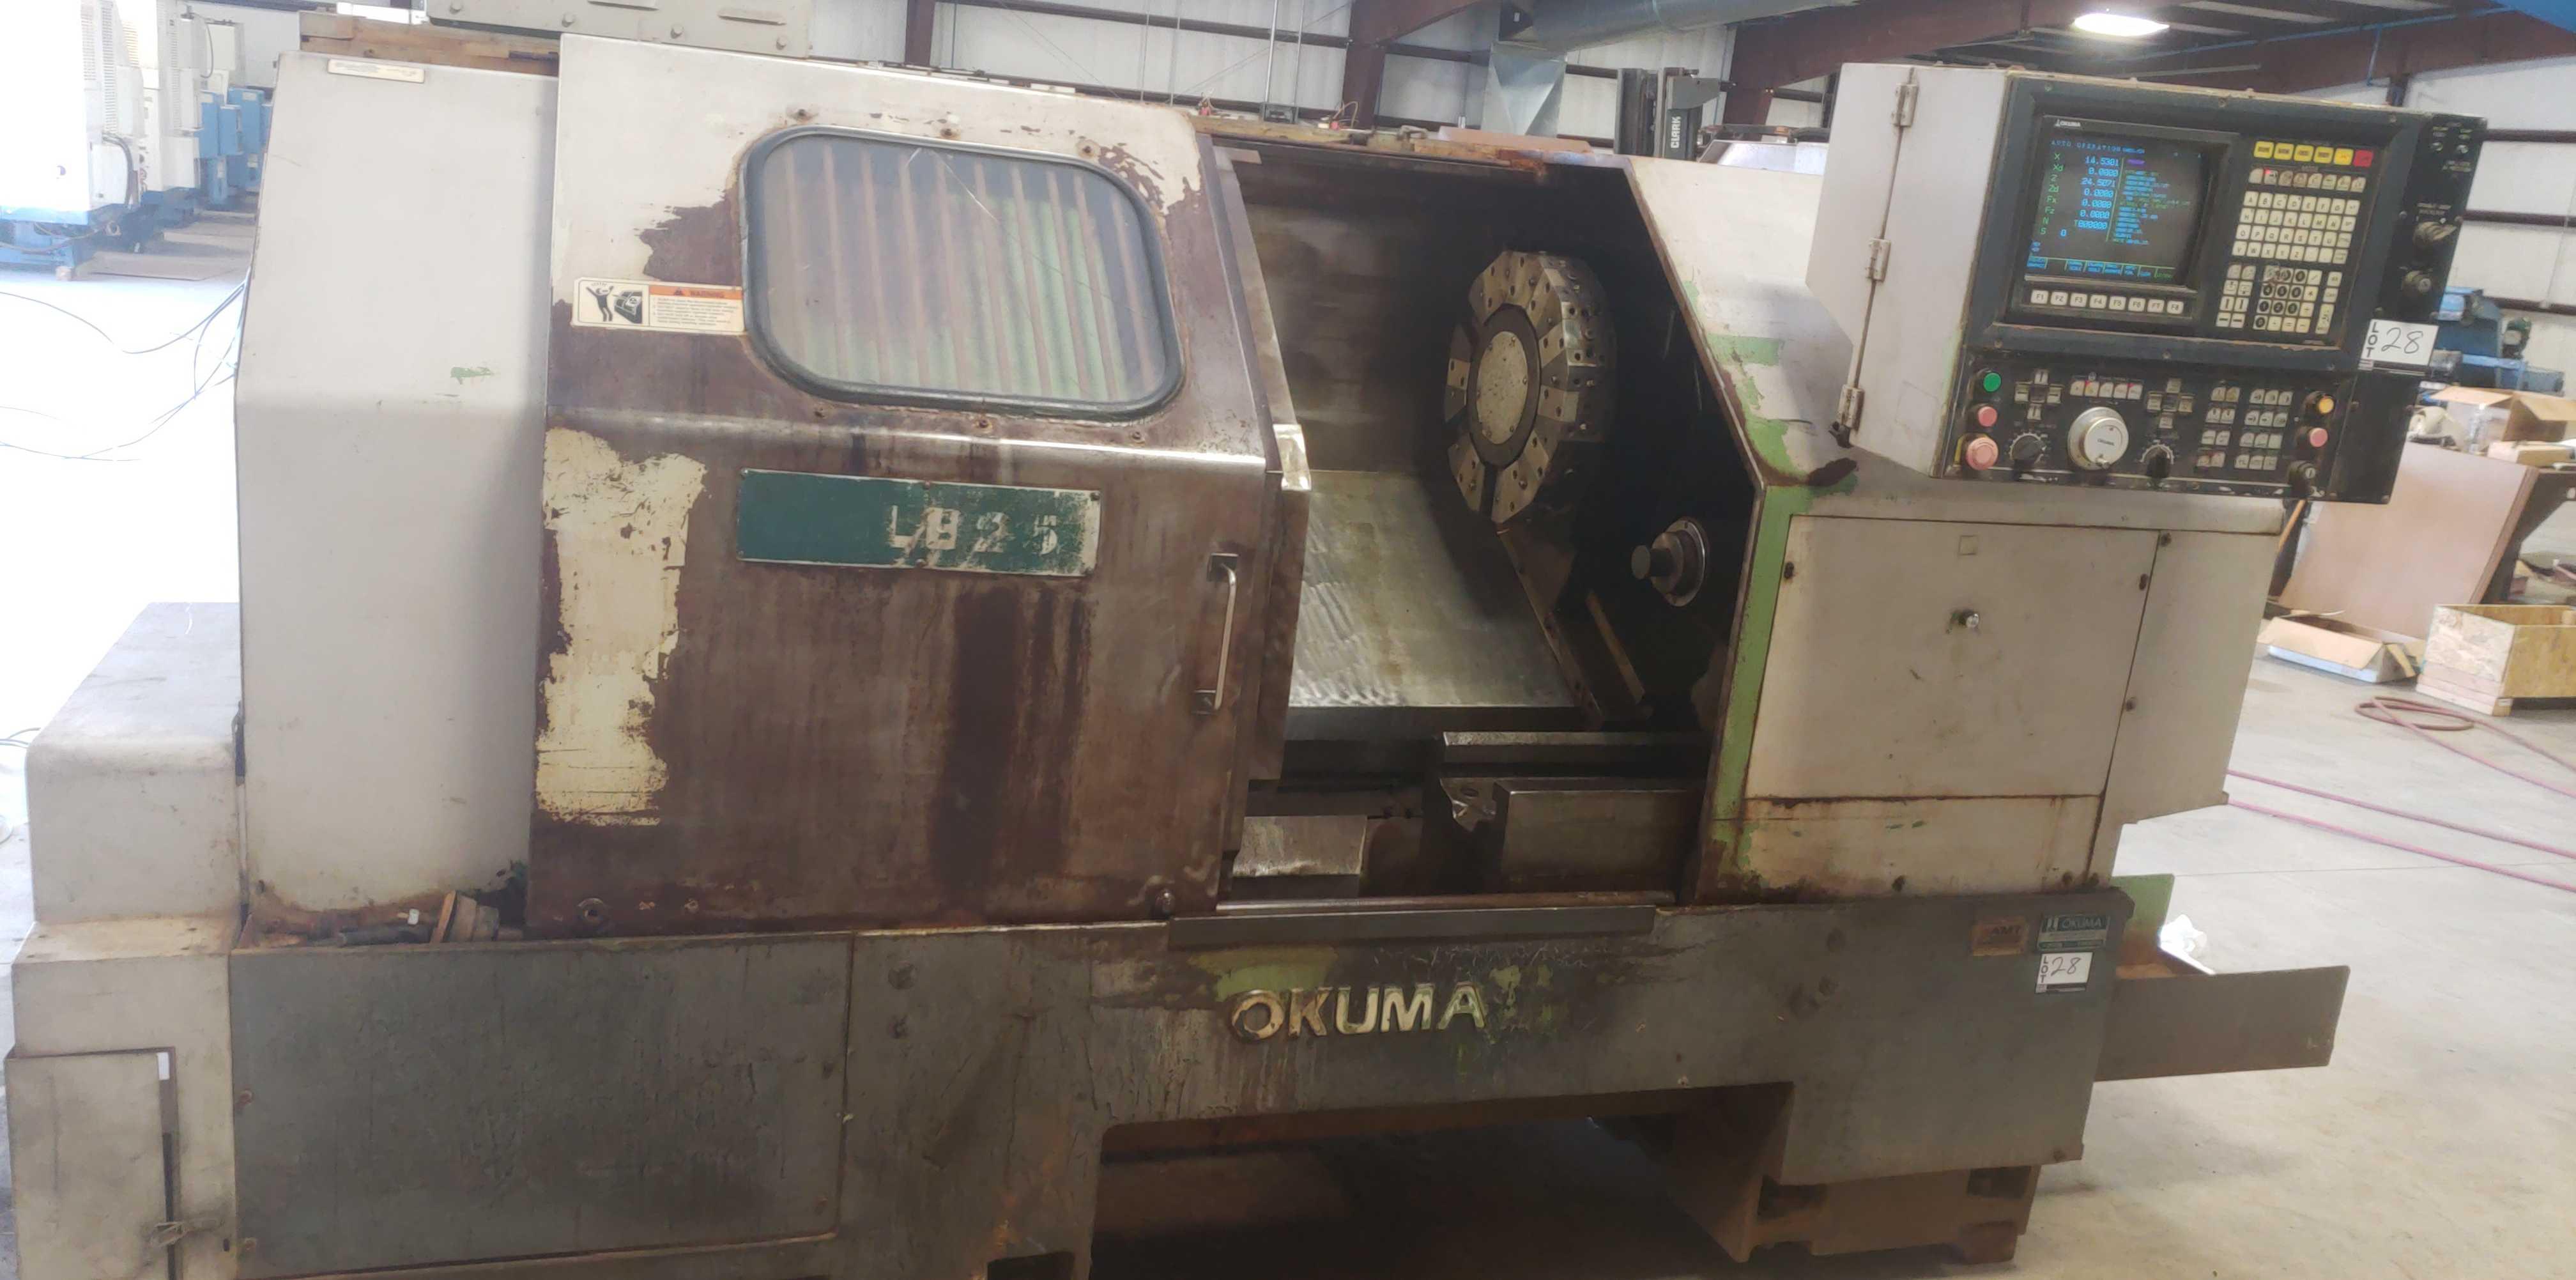 """Okuma LB 25 2 Axis CNC lathe, 5020 control, chip conveyor, 10"""" chuck SN: 07049681"""